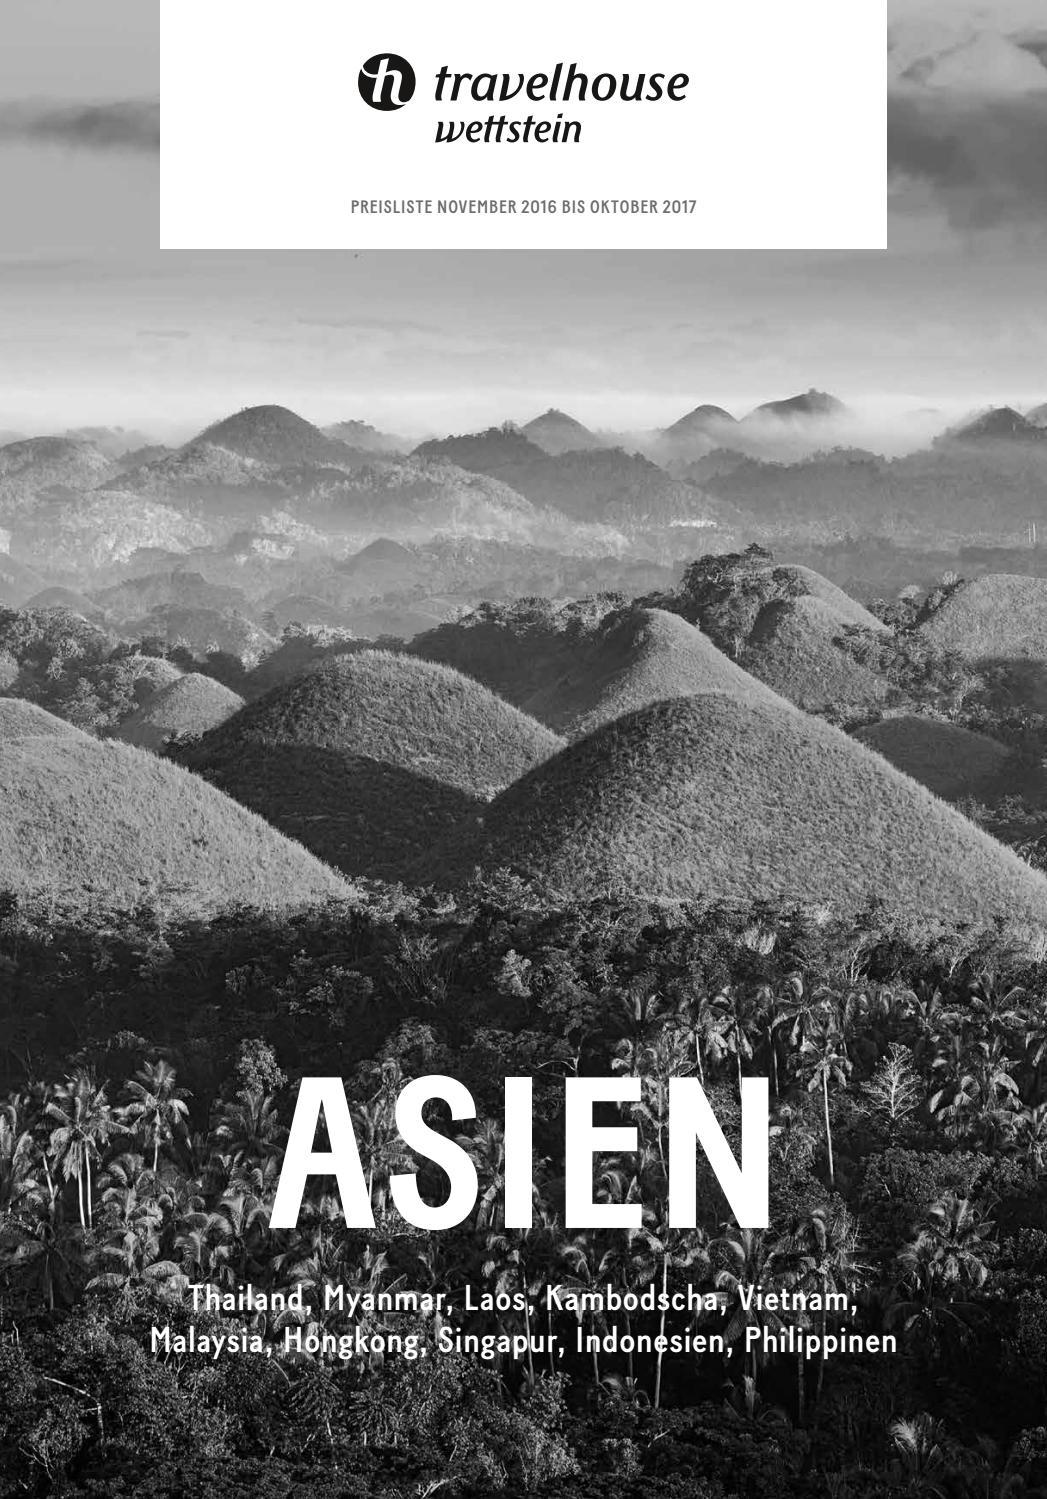 Preisliste Travelhouse Asien – von November 2016 bis Oktober 2017 by  Hotelplan Suisse (MTCH AG) - issuu